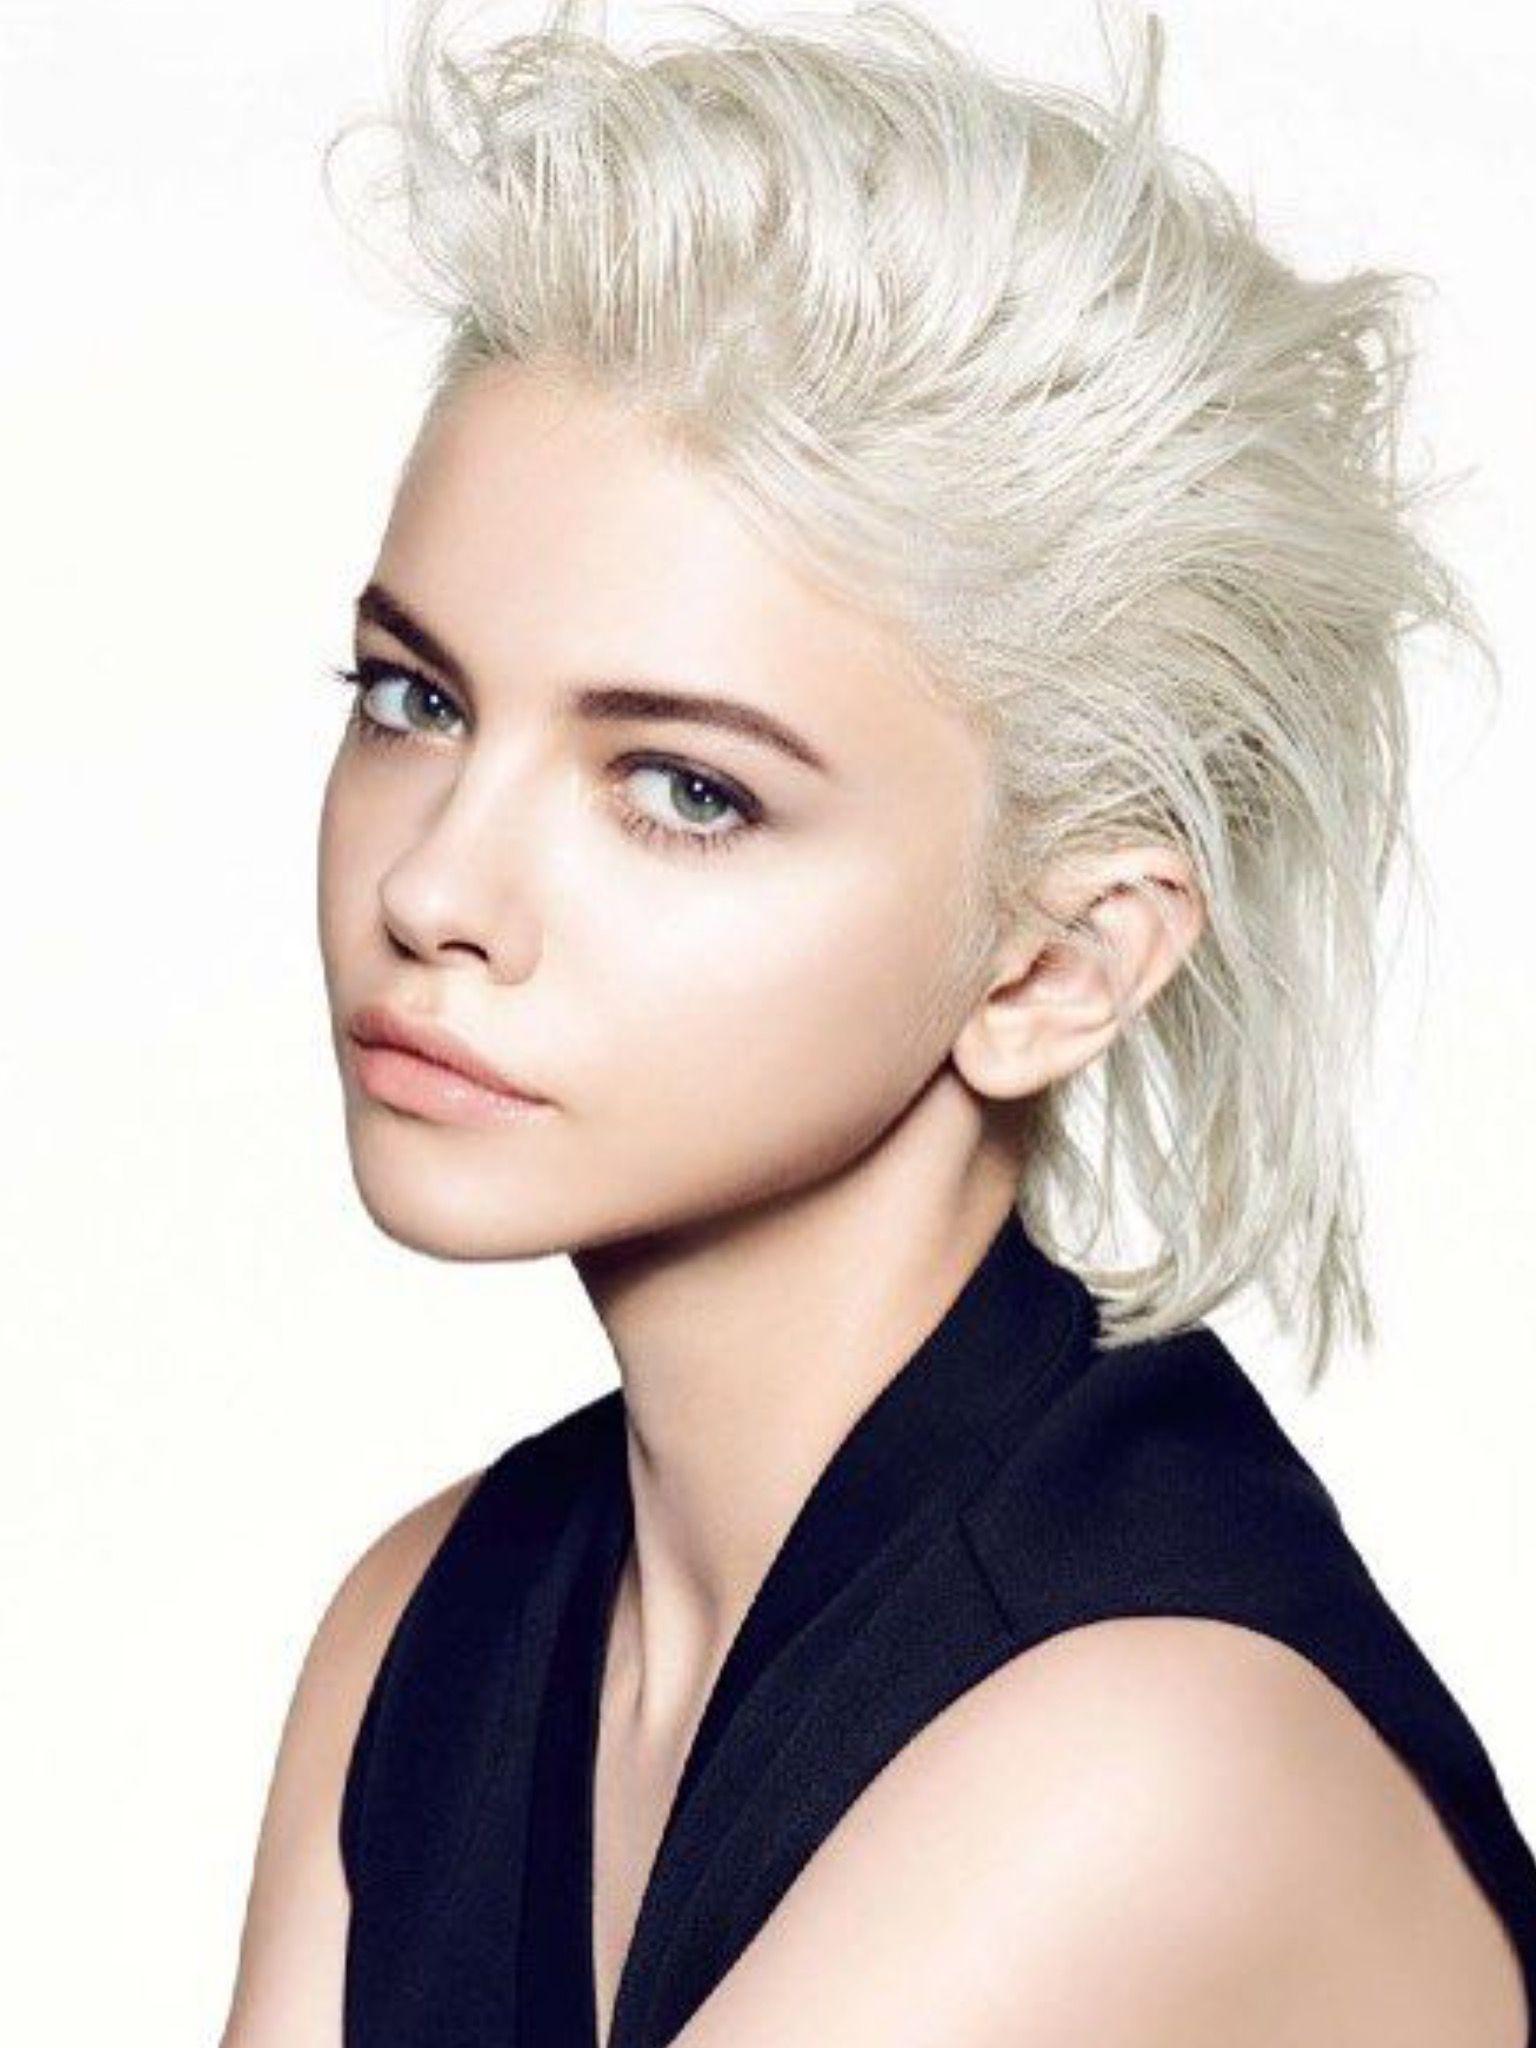 Kira rausch gorgeous platinum blonde hair pinterest short hair